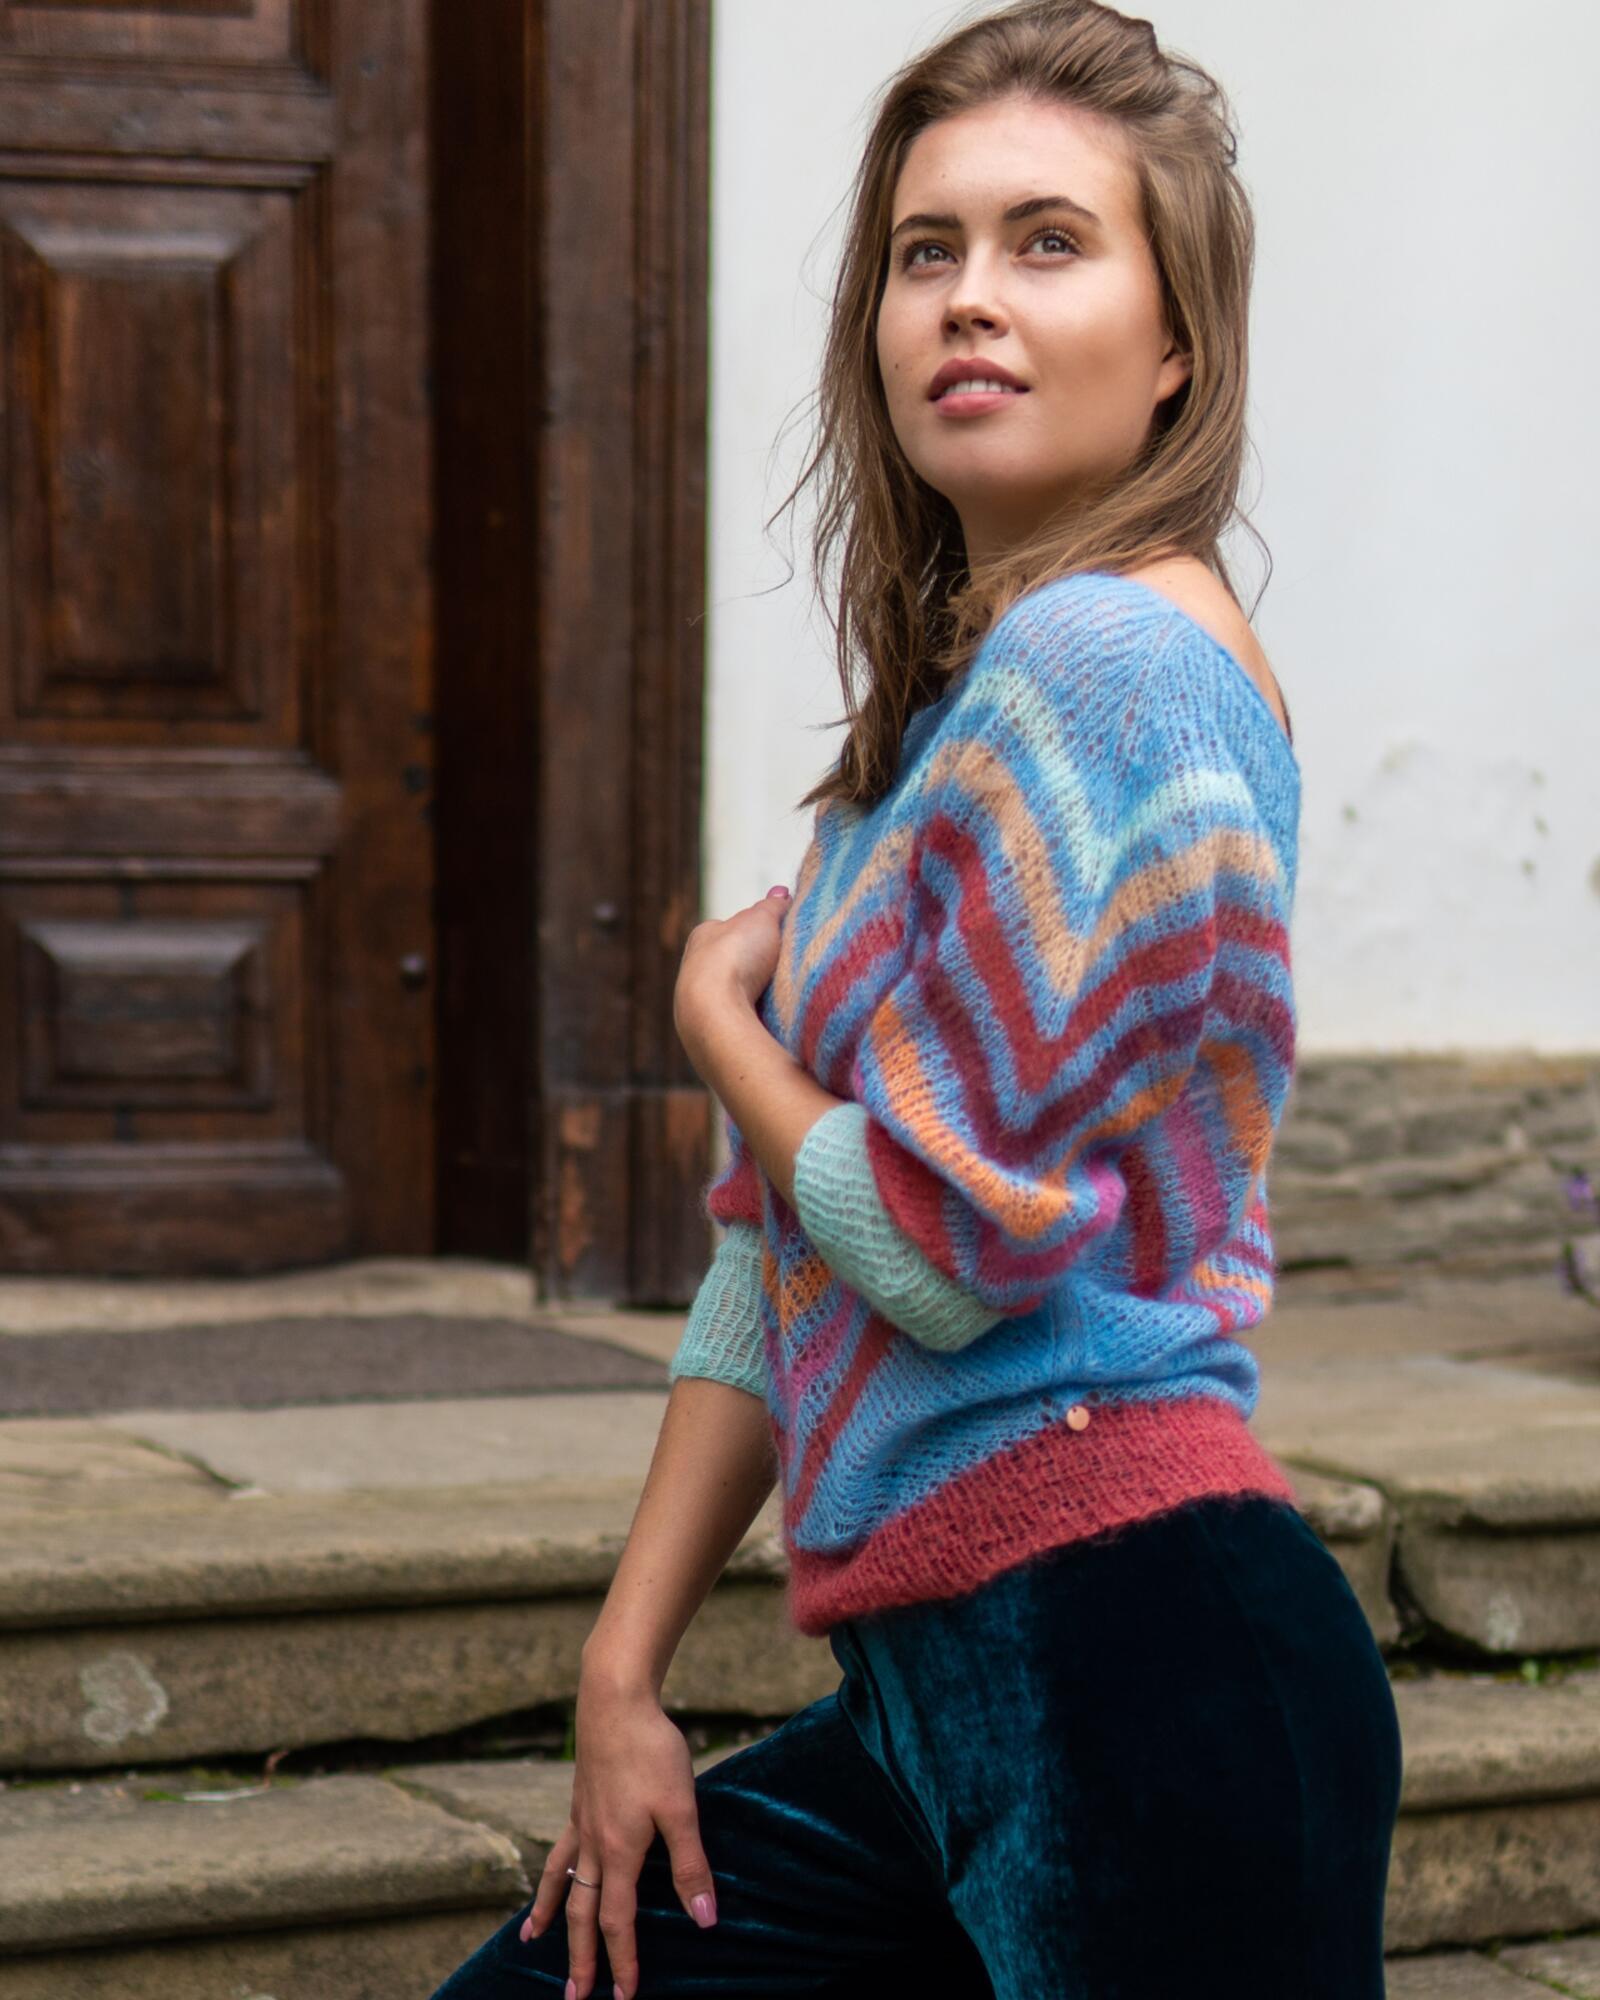 Sweter PORTOFINO - SYLVIA DARA SYLWIA DYDA   JestemSlow.pl